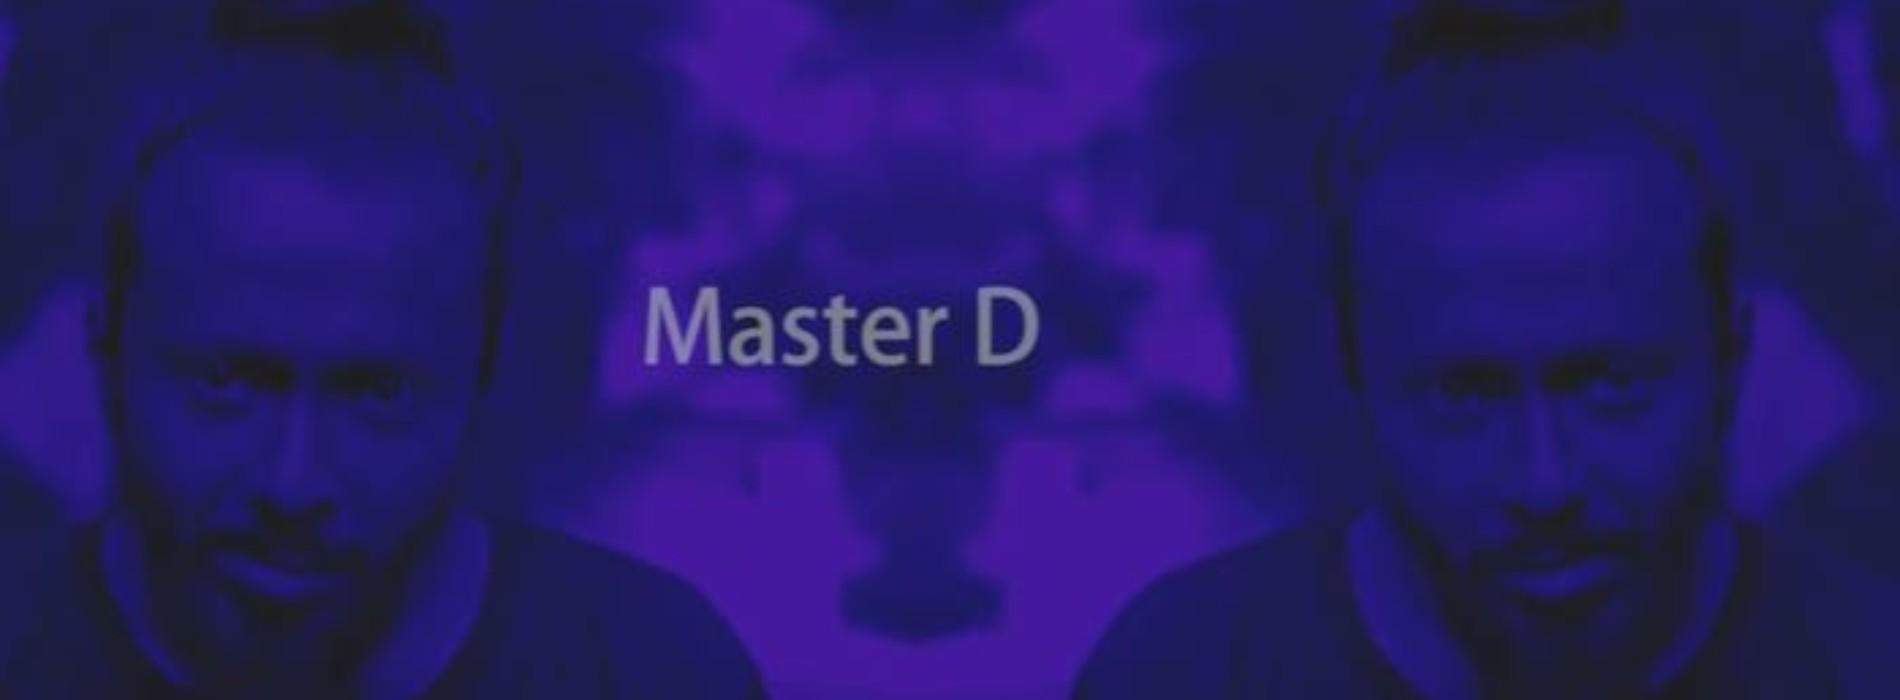 Master D – Nari Nari Nari Nari (නරි නරි නරි නරි) Official Music Video